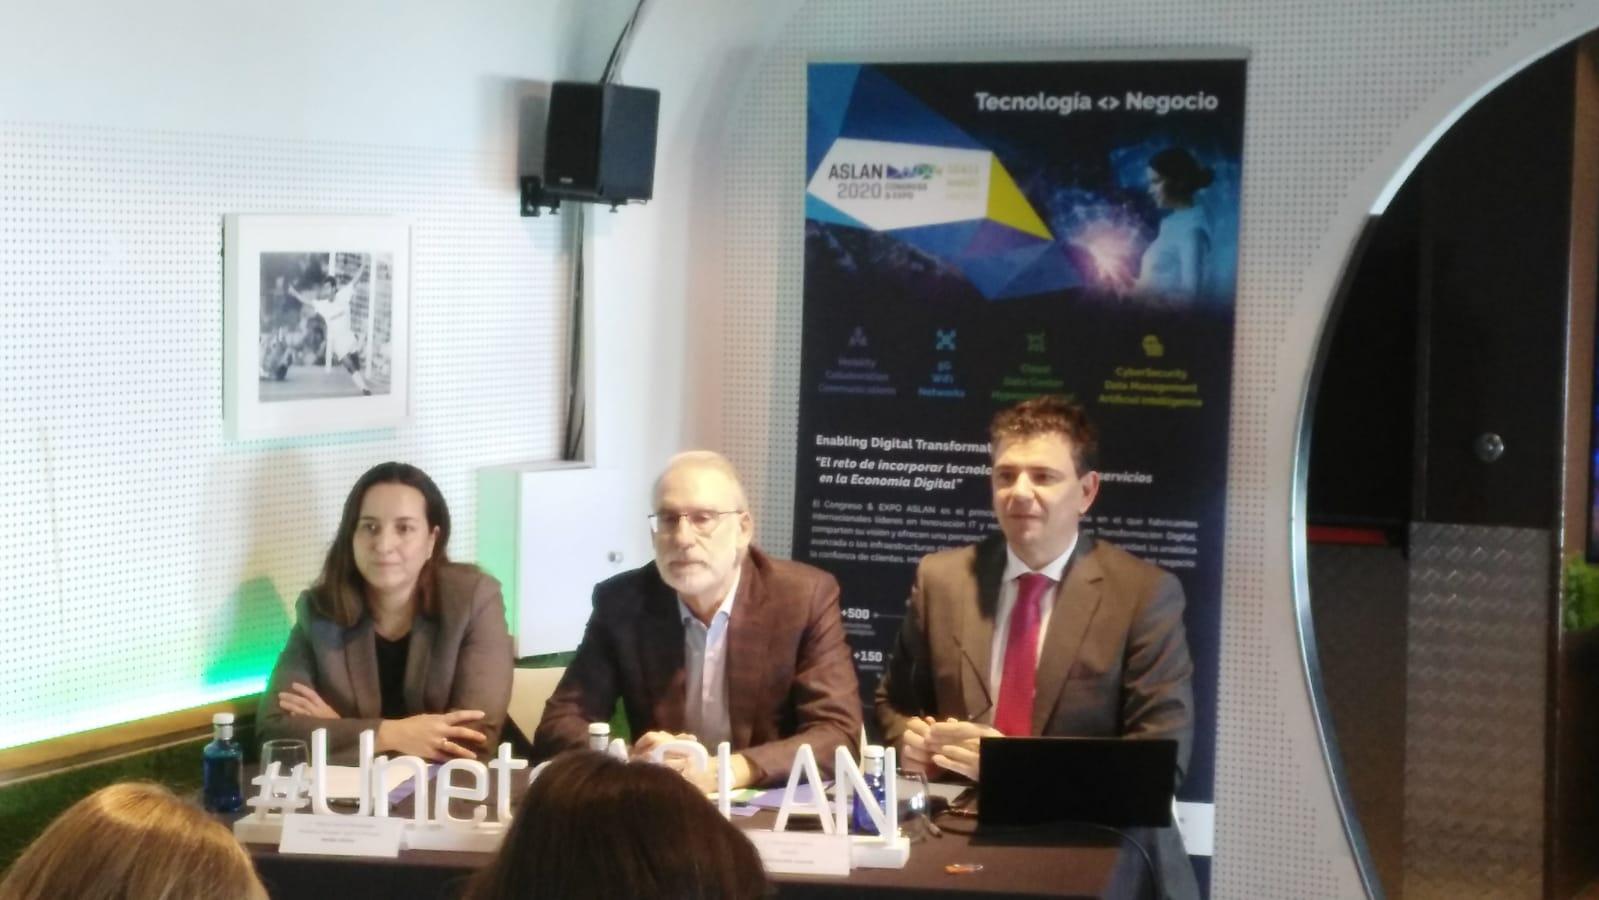 Mónica García Manzanares, vocal de la Junta Directiva; Ricardo Maté, Presidente, y Francisco Verderas, Director de asLAN.